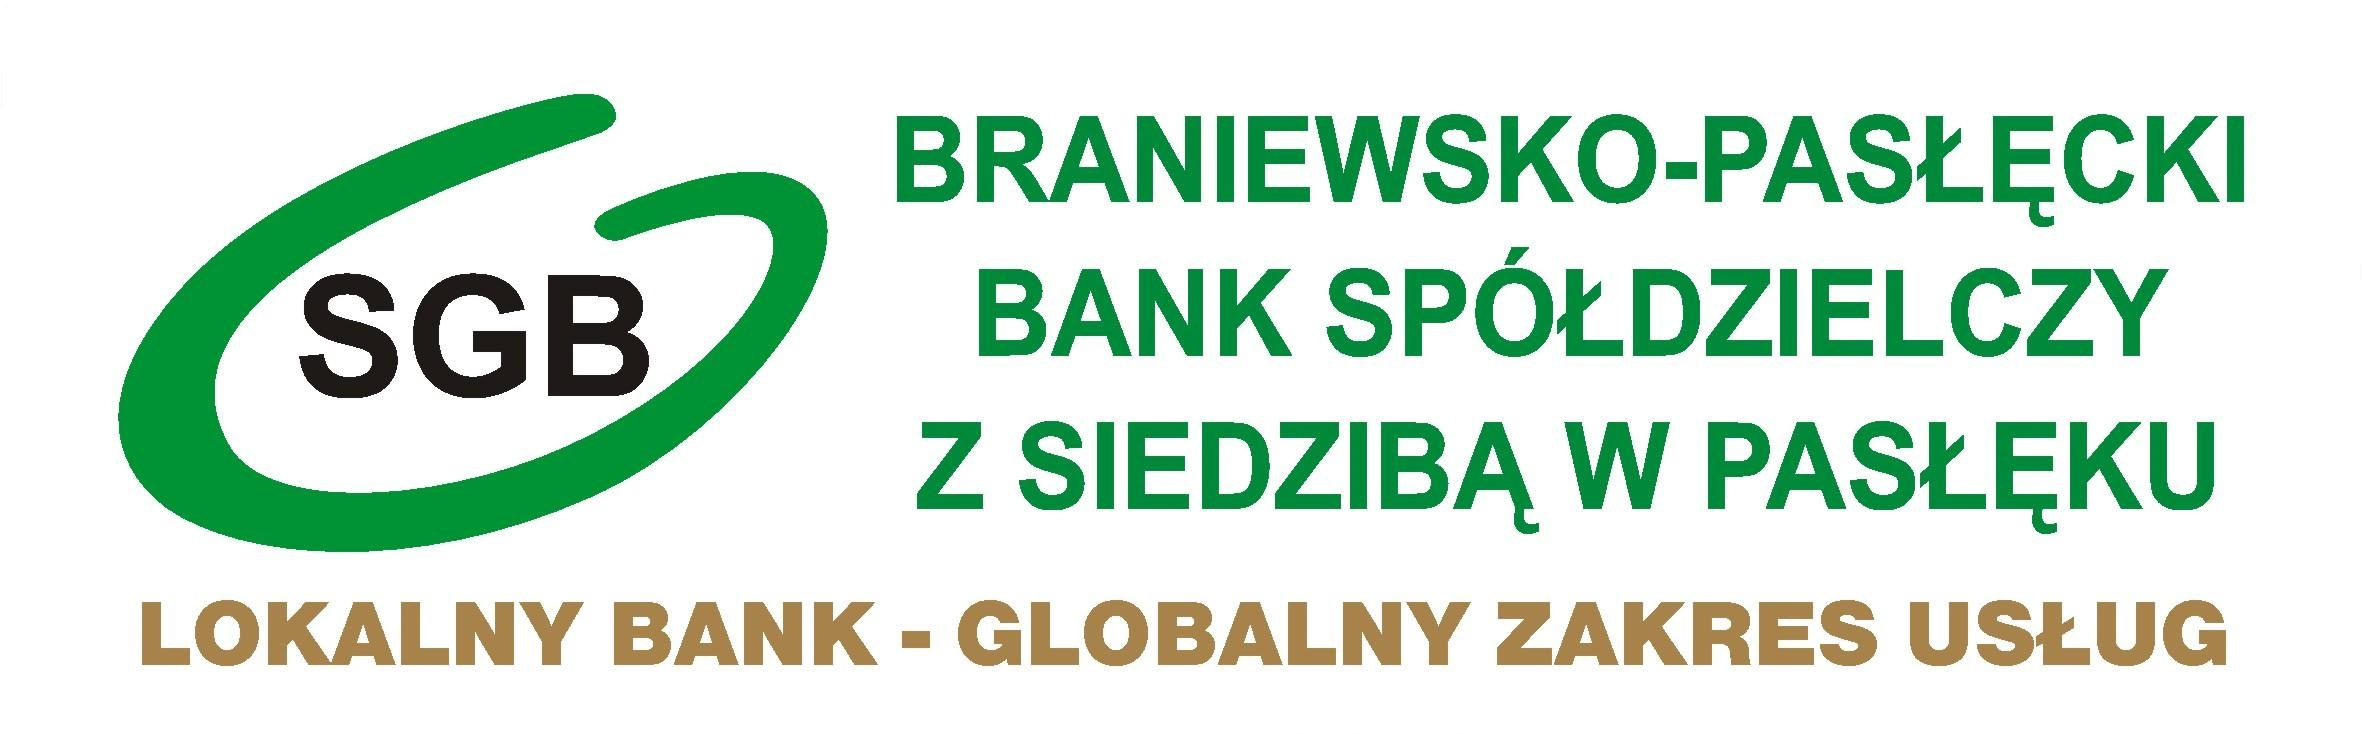 Kredyt gotówkowy - Braniewsko-Pasłęcki Bank Spółdzielczy z siedzibą w Pasłęku